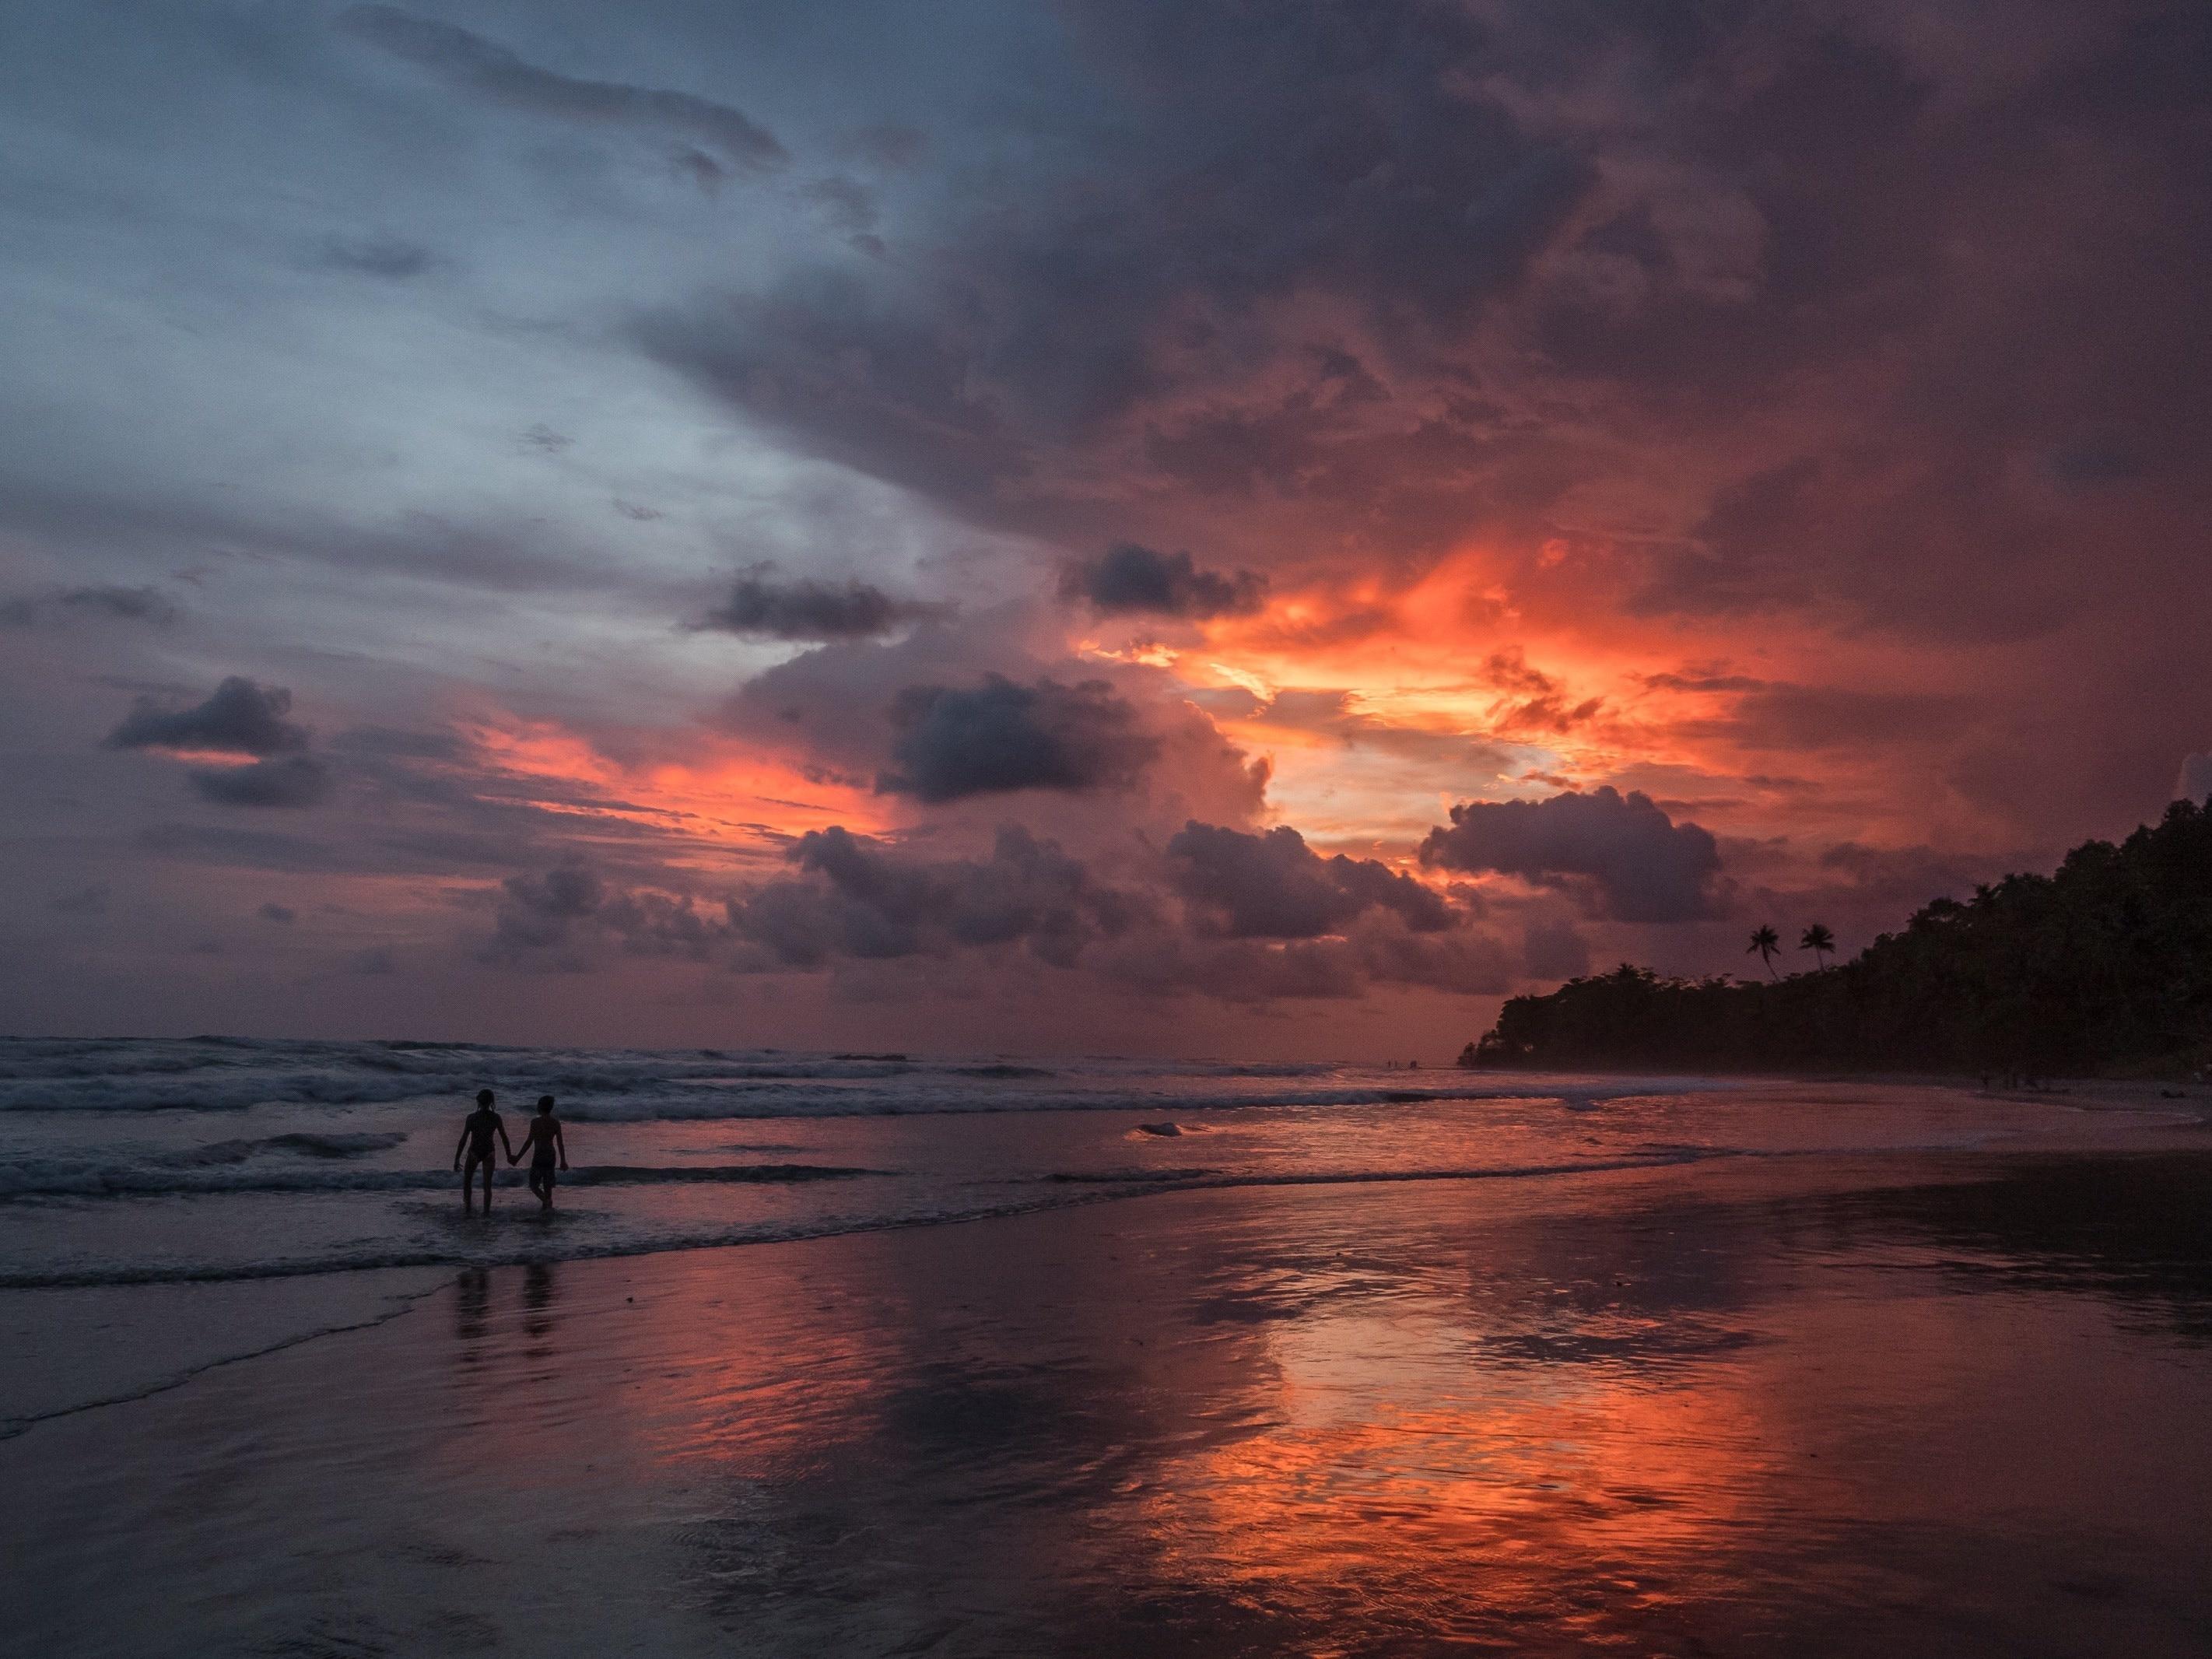 Santa Teresa, Cobano, Puntarenas Province, Costa Rica